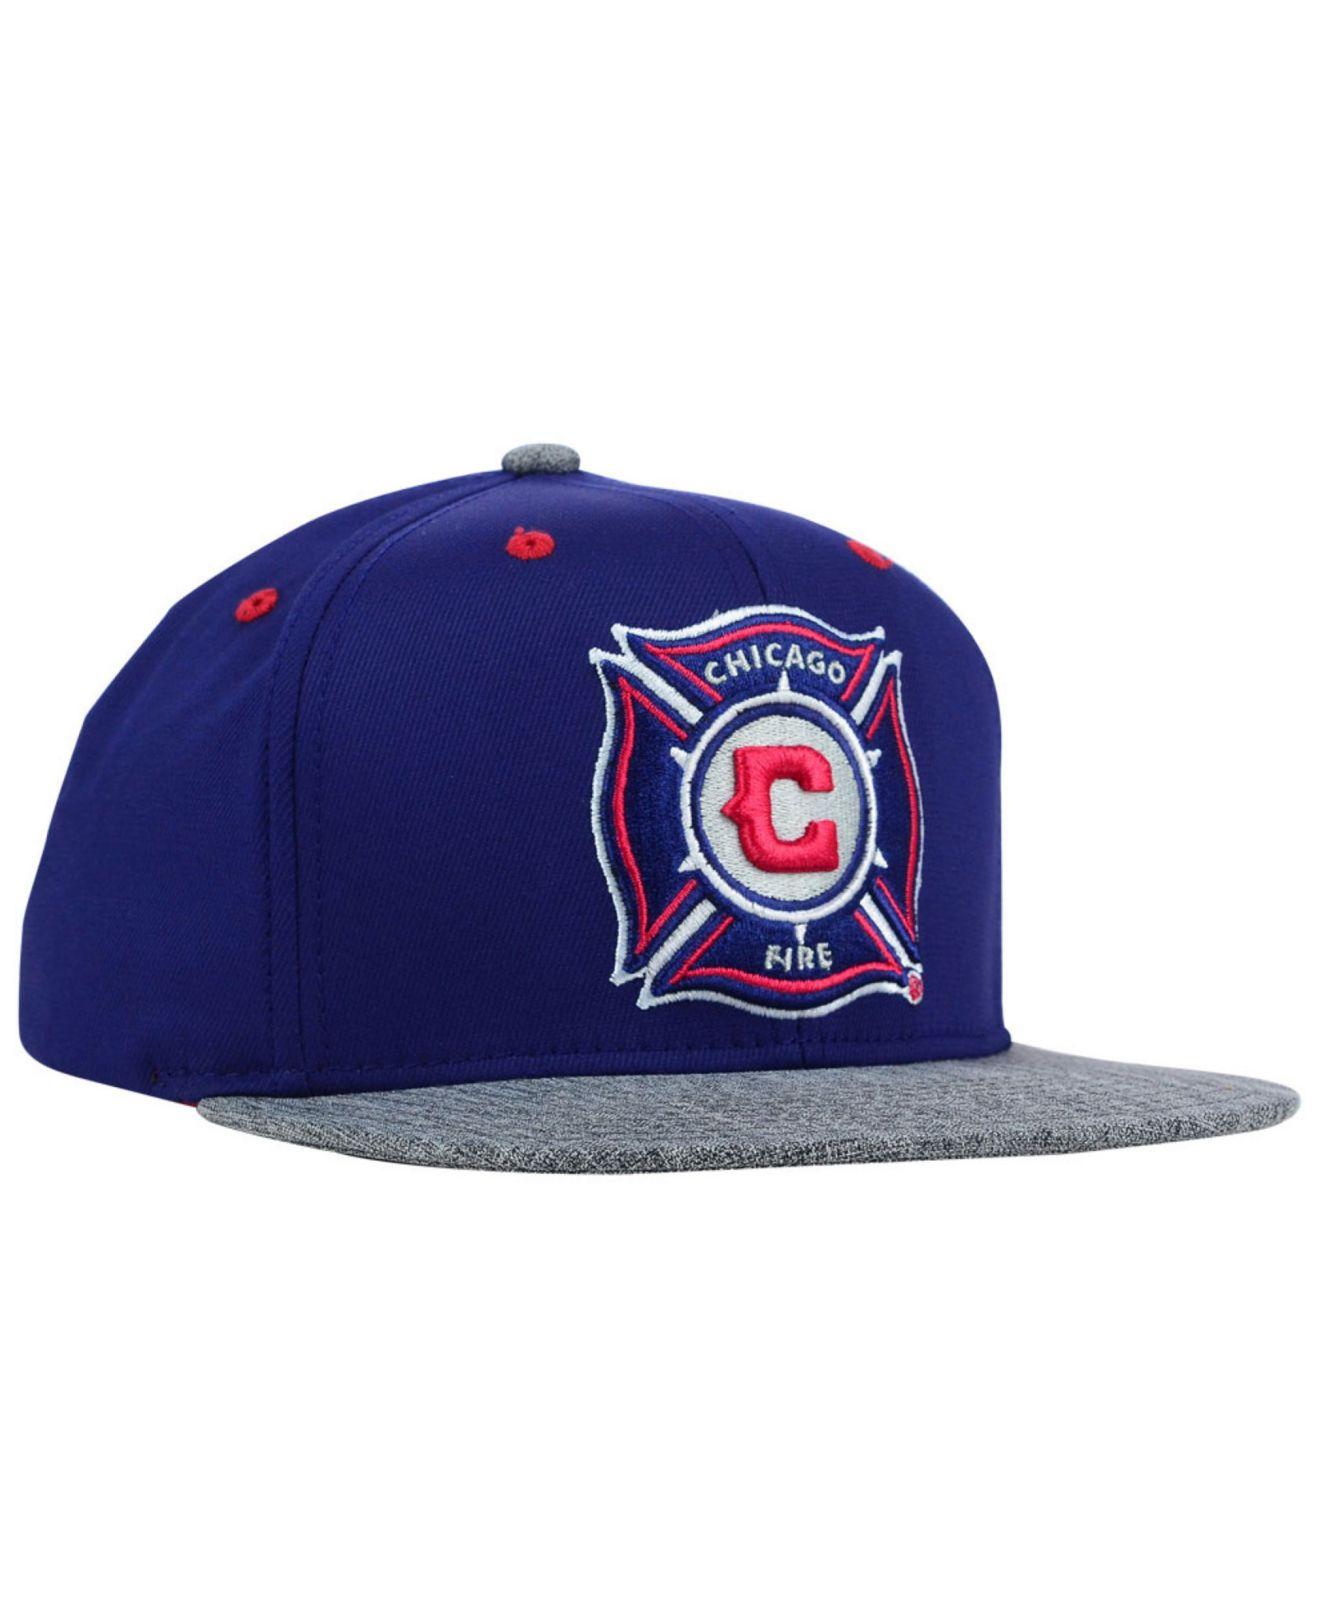 1a25b613 cheap chicago fire cap 03ae9 97b84